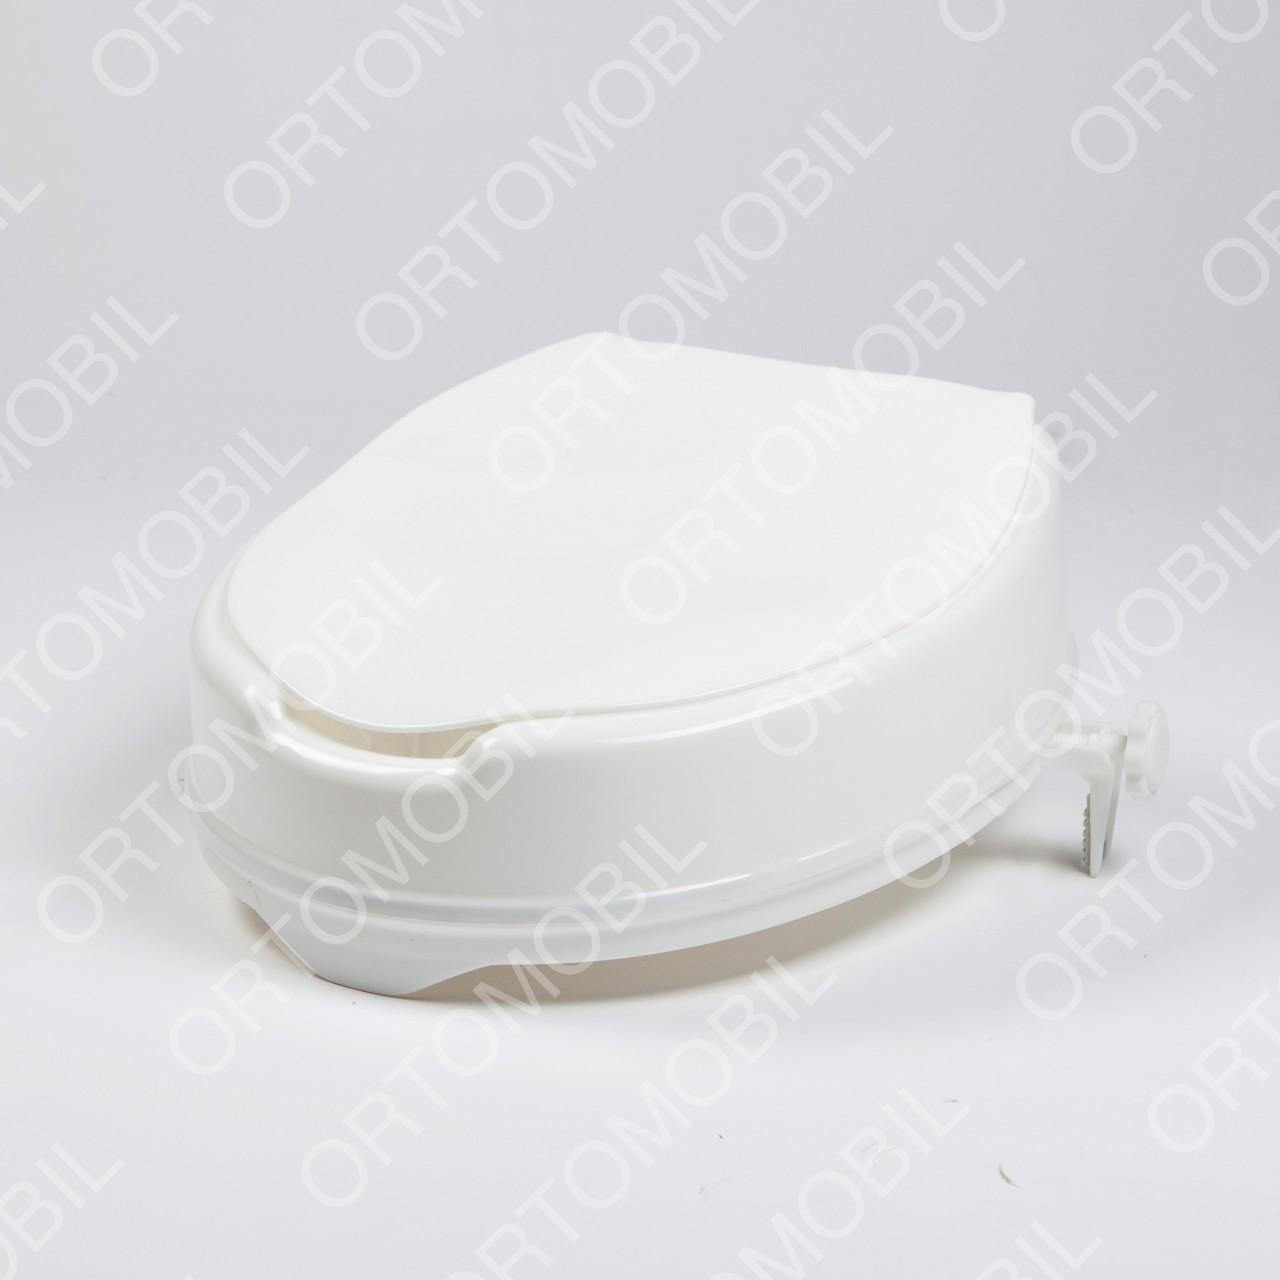 Inaltator WC de 10 cm cu capac Ortomobil 027060L4